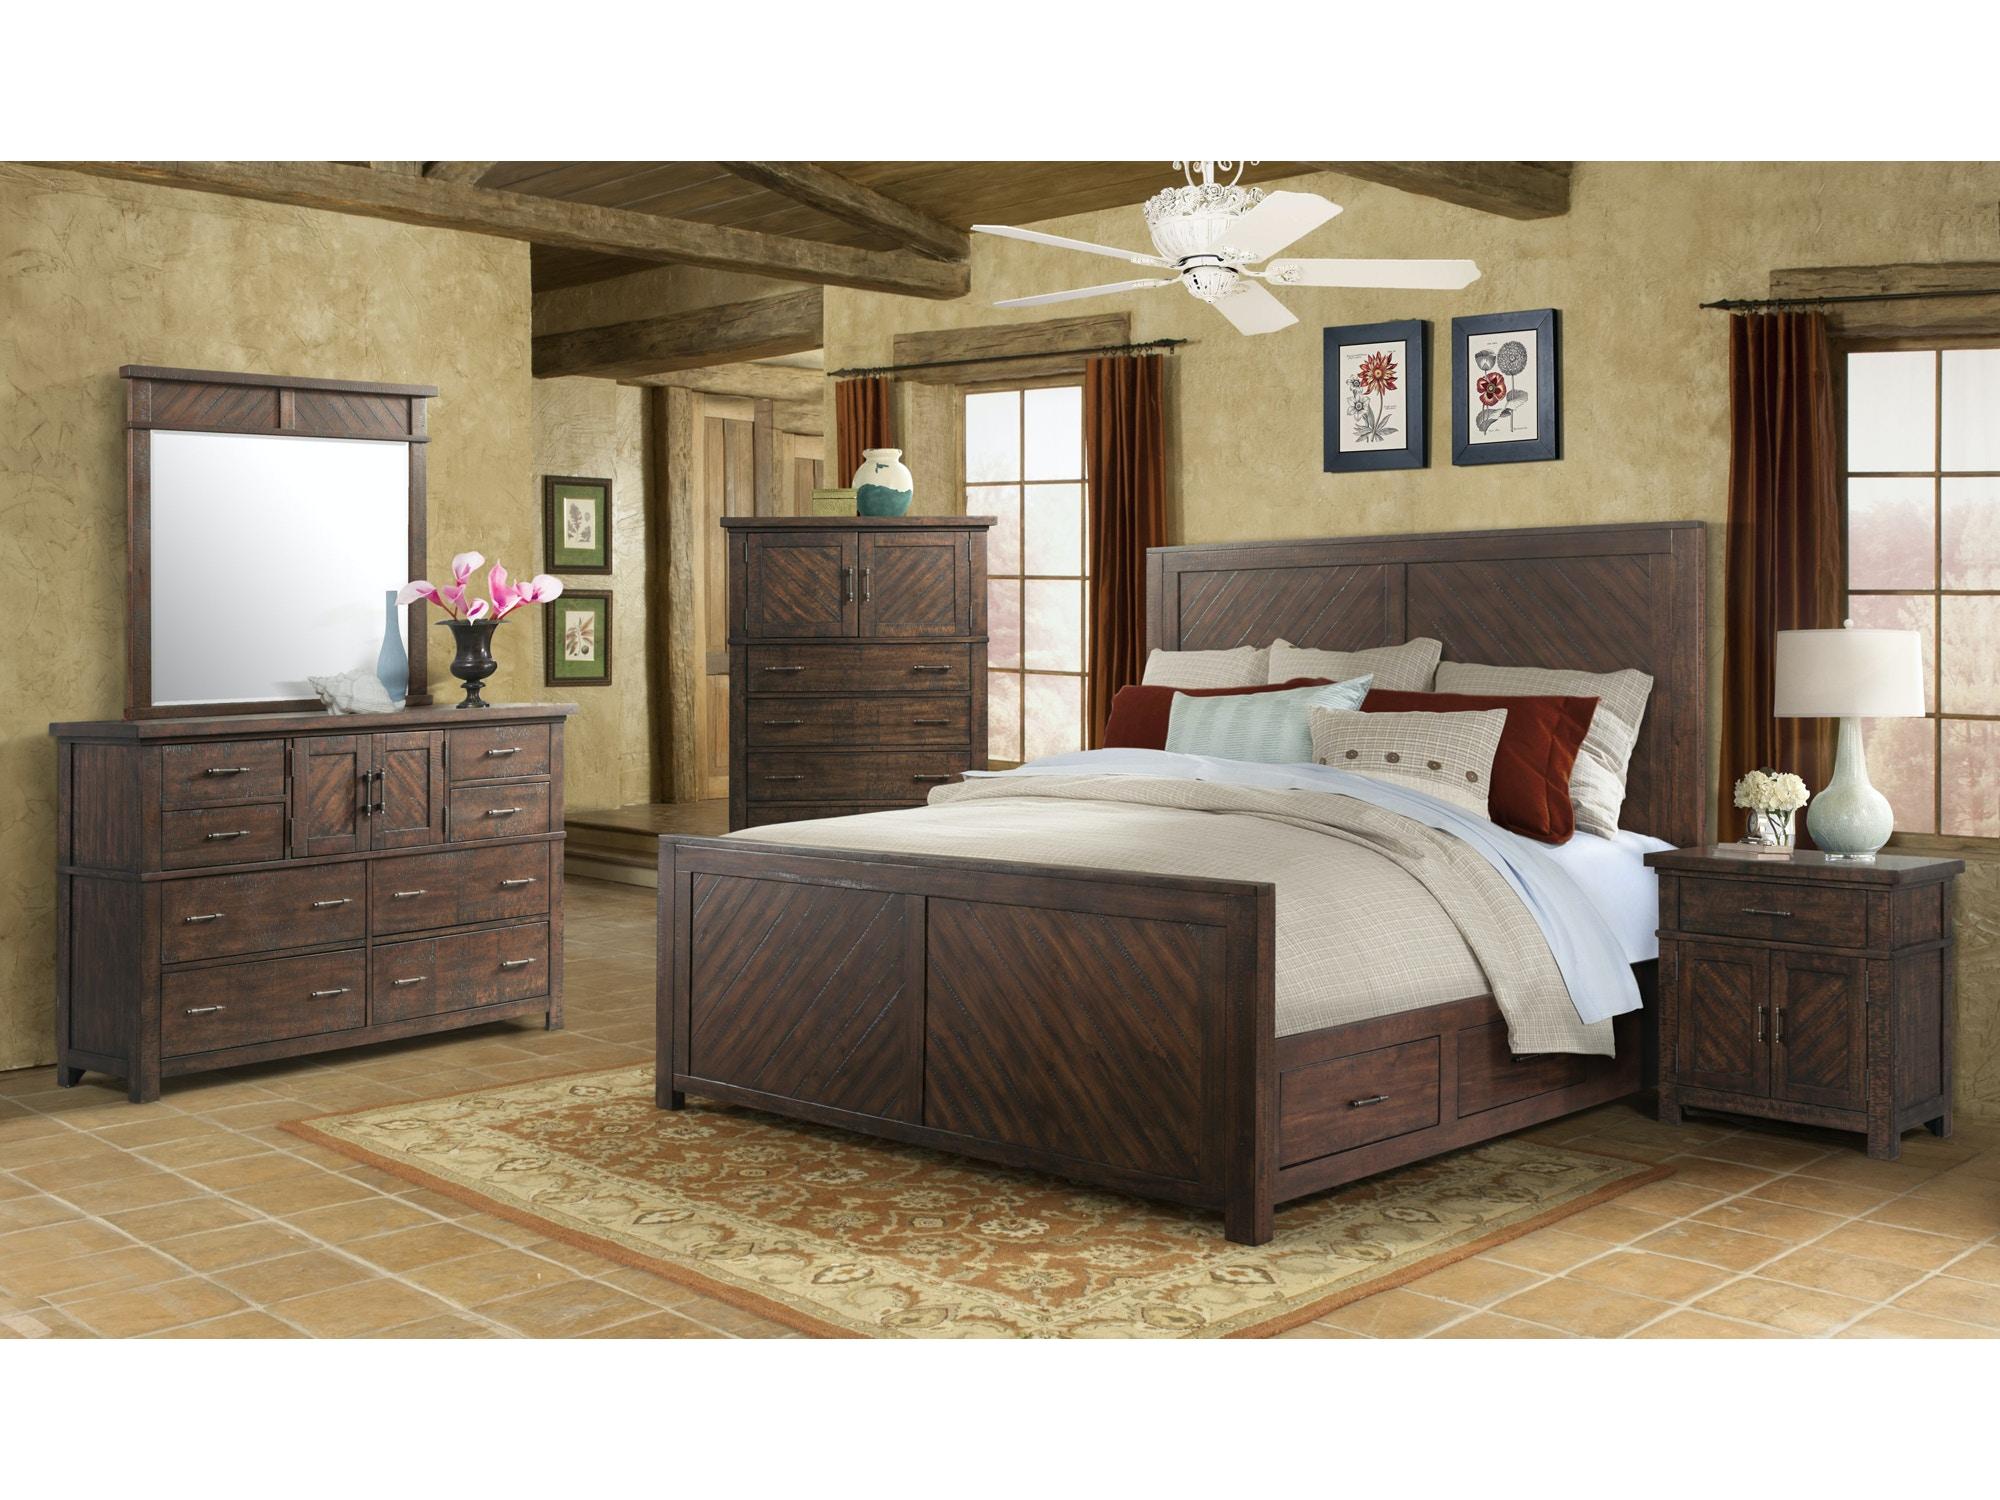 Elements International Master Bedroom Sets - Furniture Fair ...